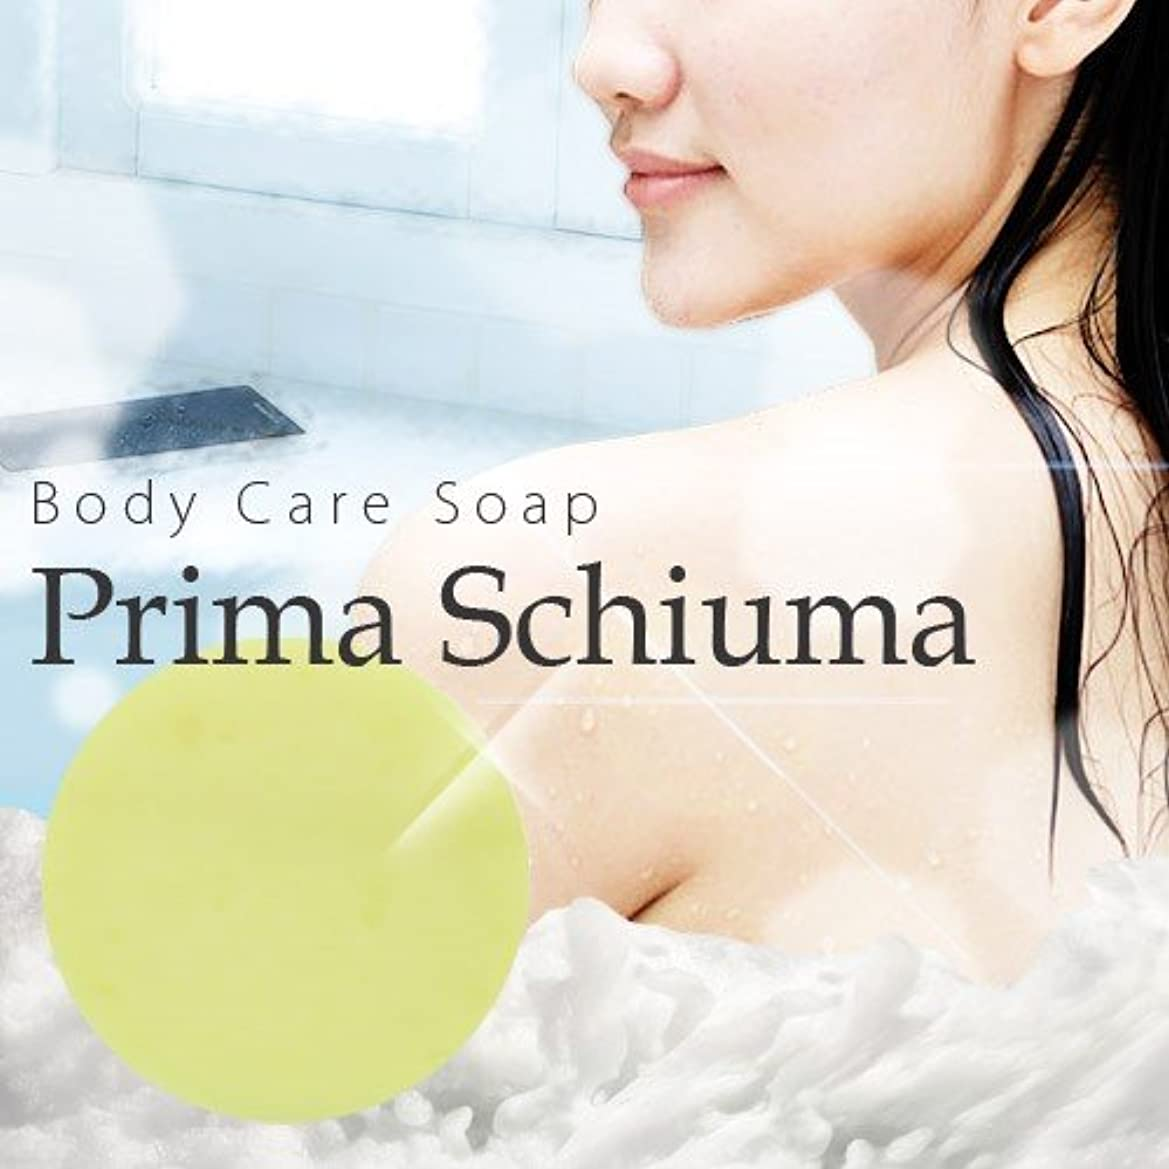 バースト増加する貢献するPrima Schiuma(プリマスキューマ)